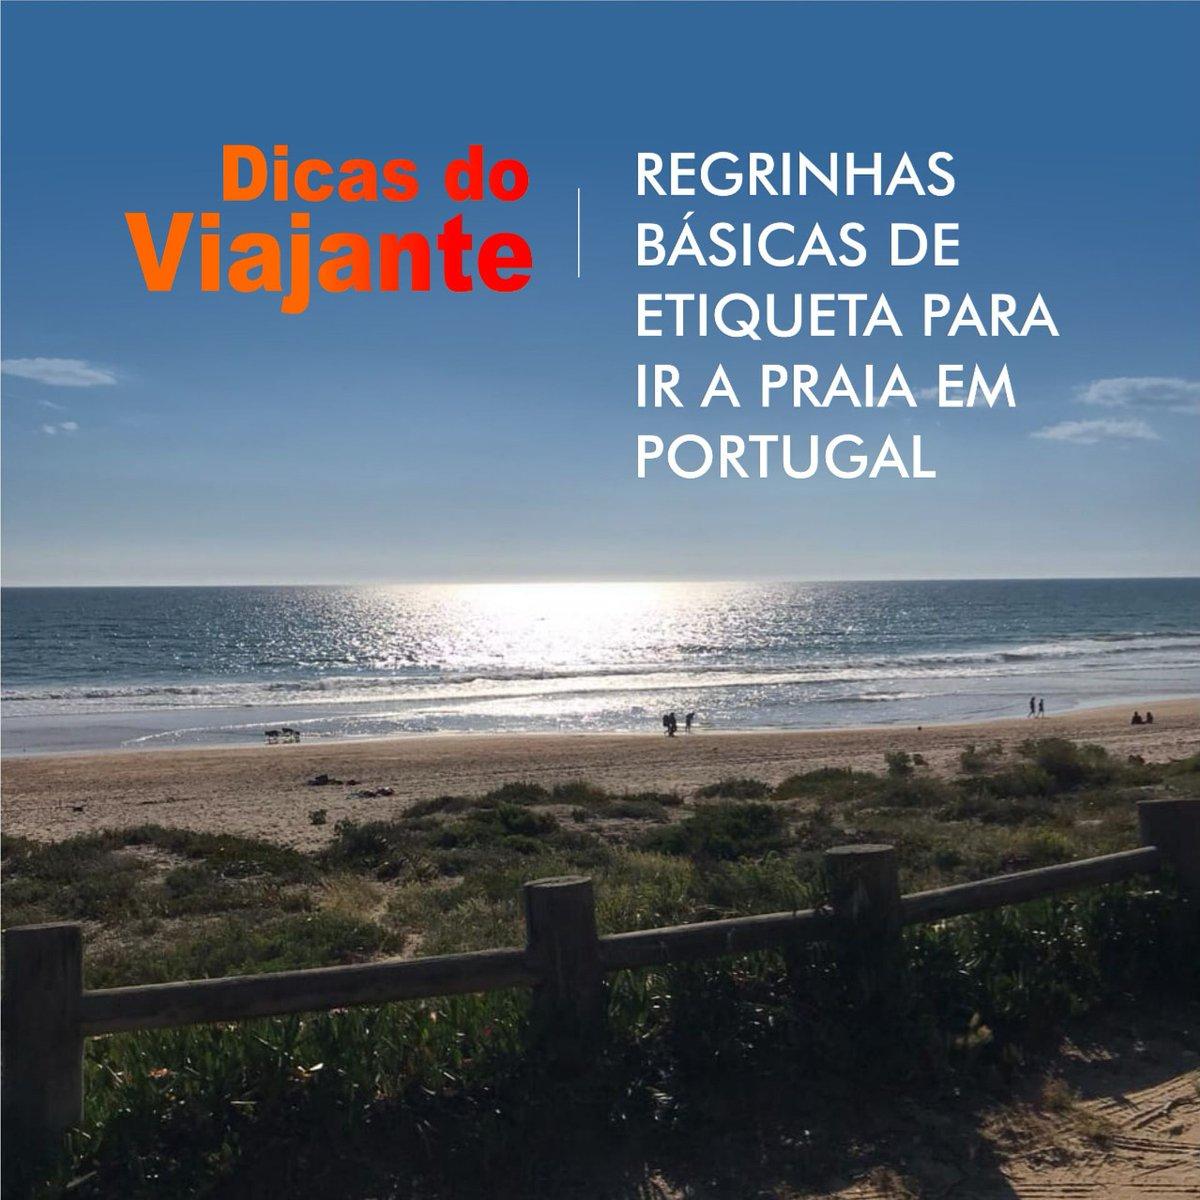 Sim eu fiz uma coisa dessa! Coloquei lá no insta do Blog. Espero que muitos leiam. Amém #praias #portugal   @bonsventosmelevampic.twitter.com/CHEjXSHsFx